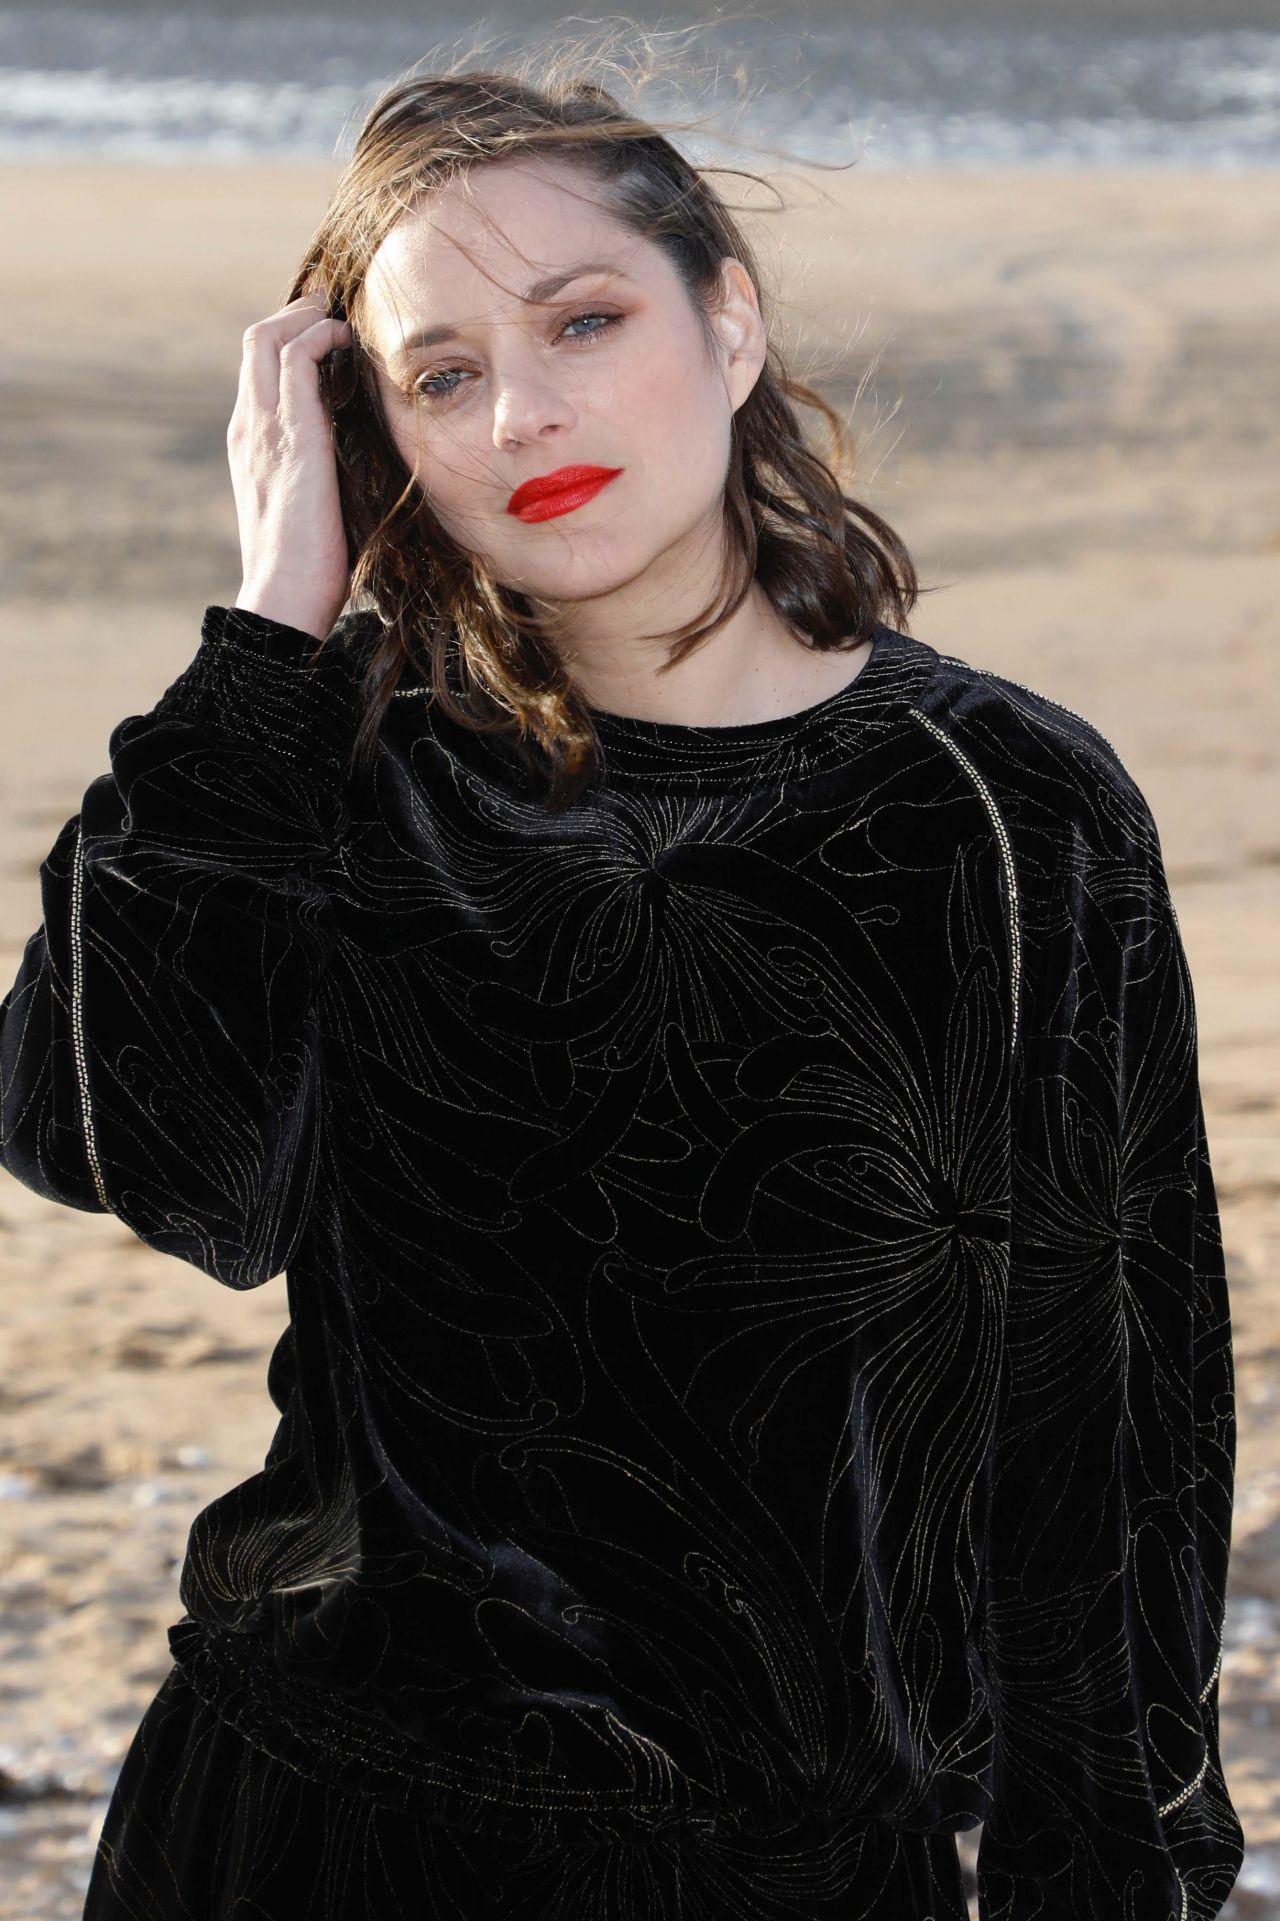 Auto Car Com >> Marion Cotillard Latest Photos - CelebMafia